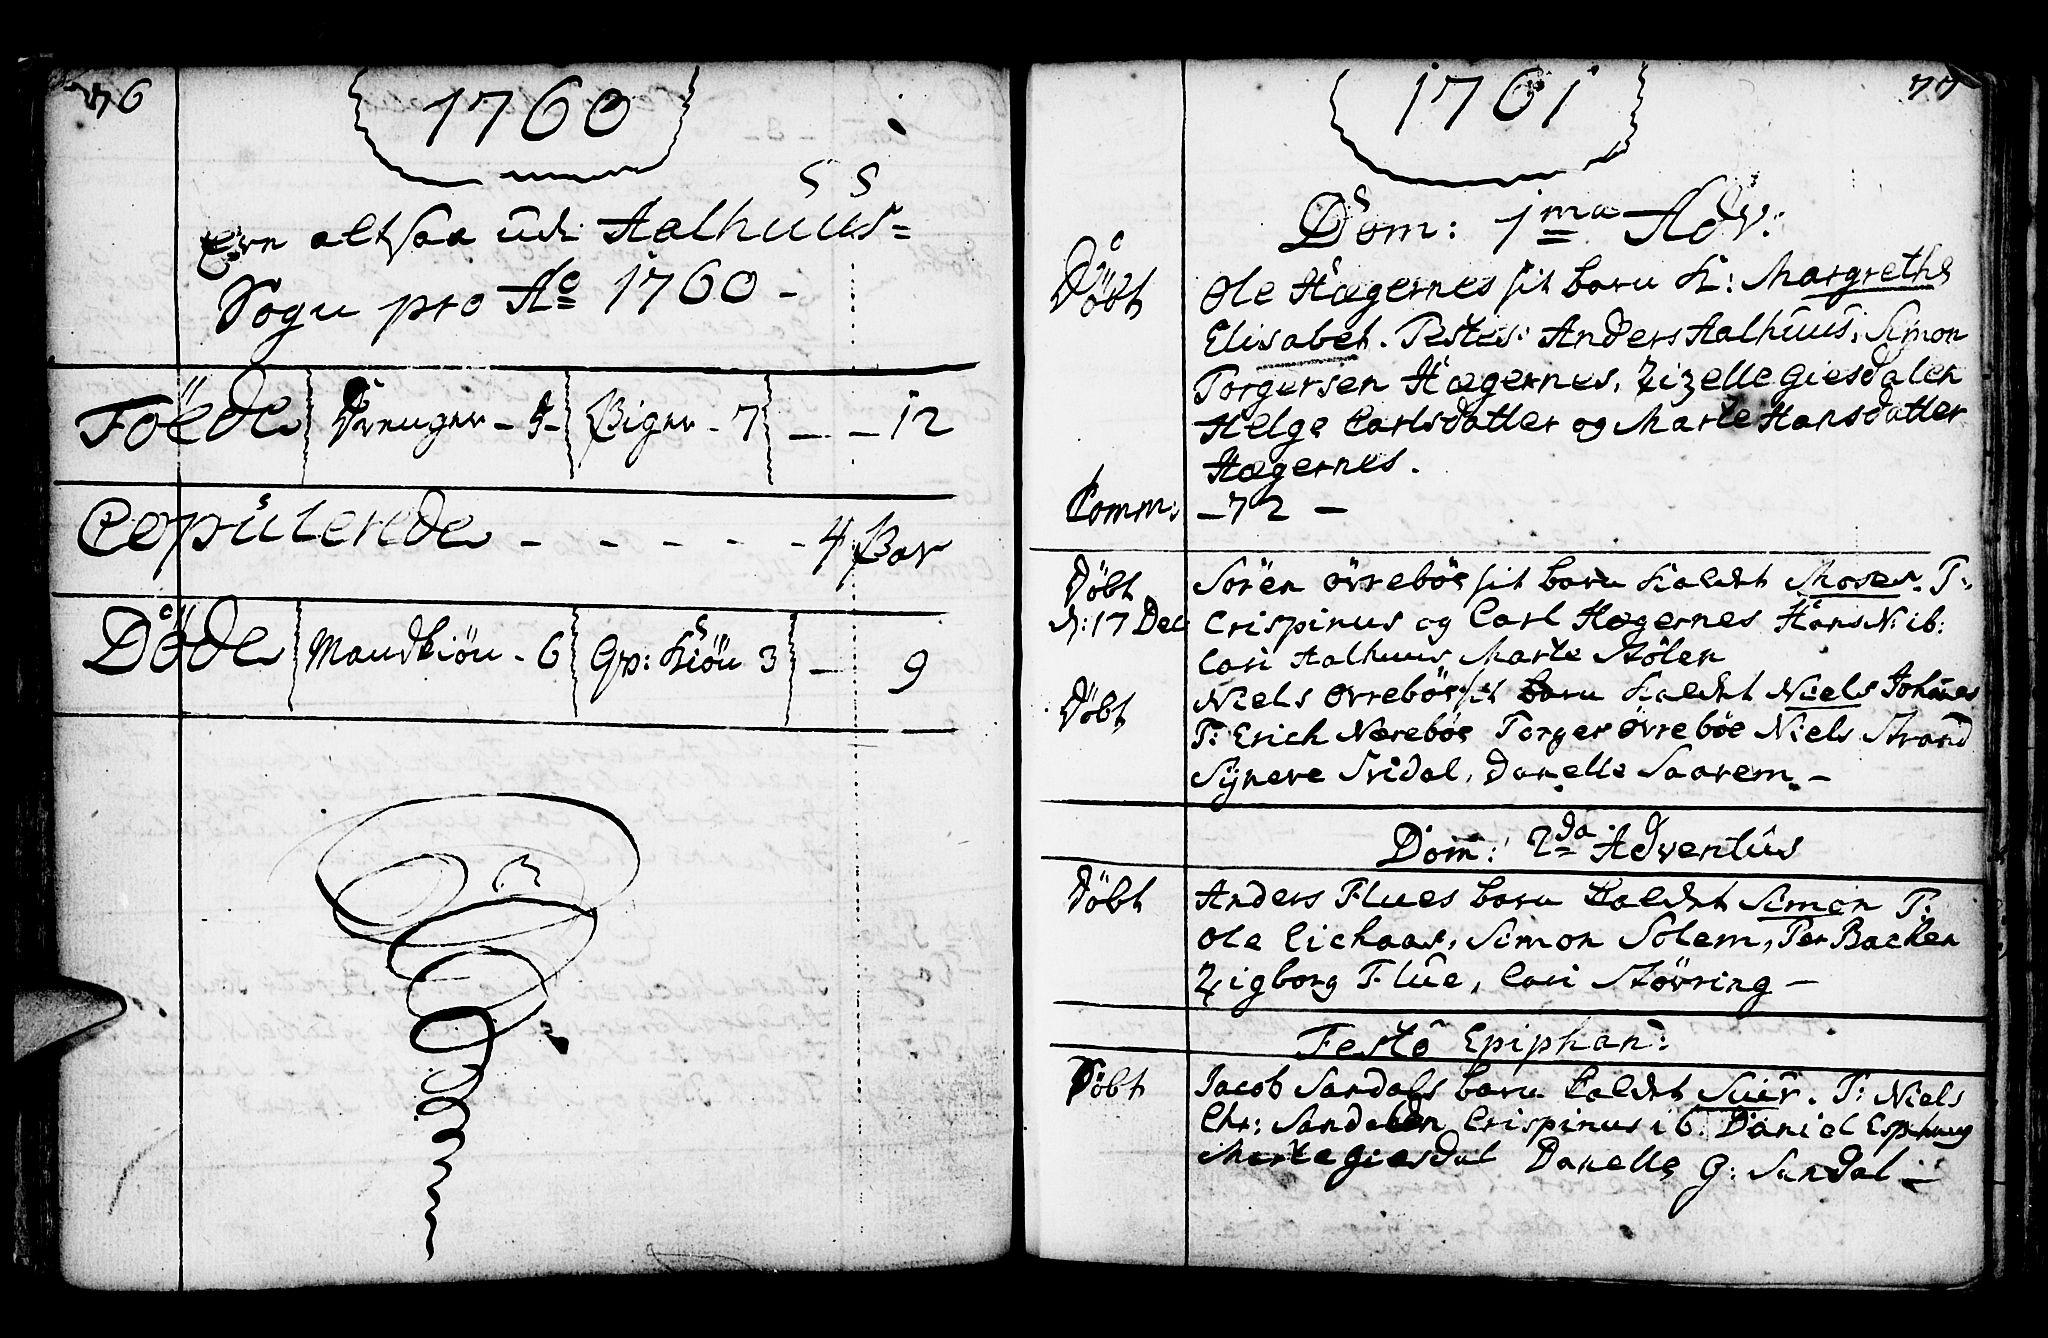 SAB, Jølster Sokneprestembete, Ministerialbok nr. A 3, 1748-1789, s. 76-77